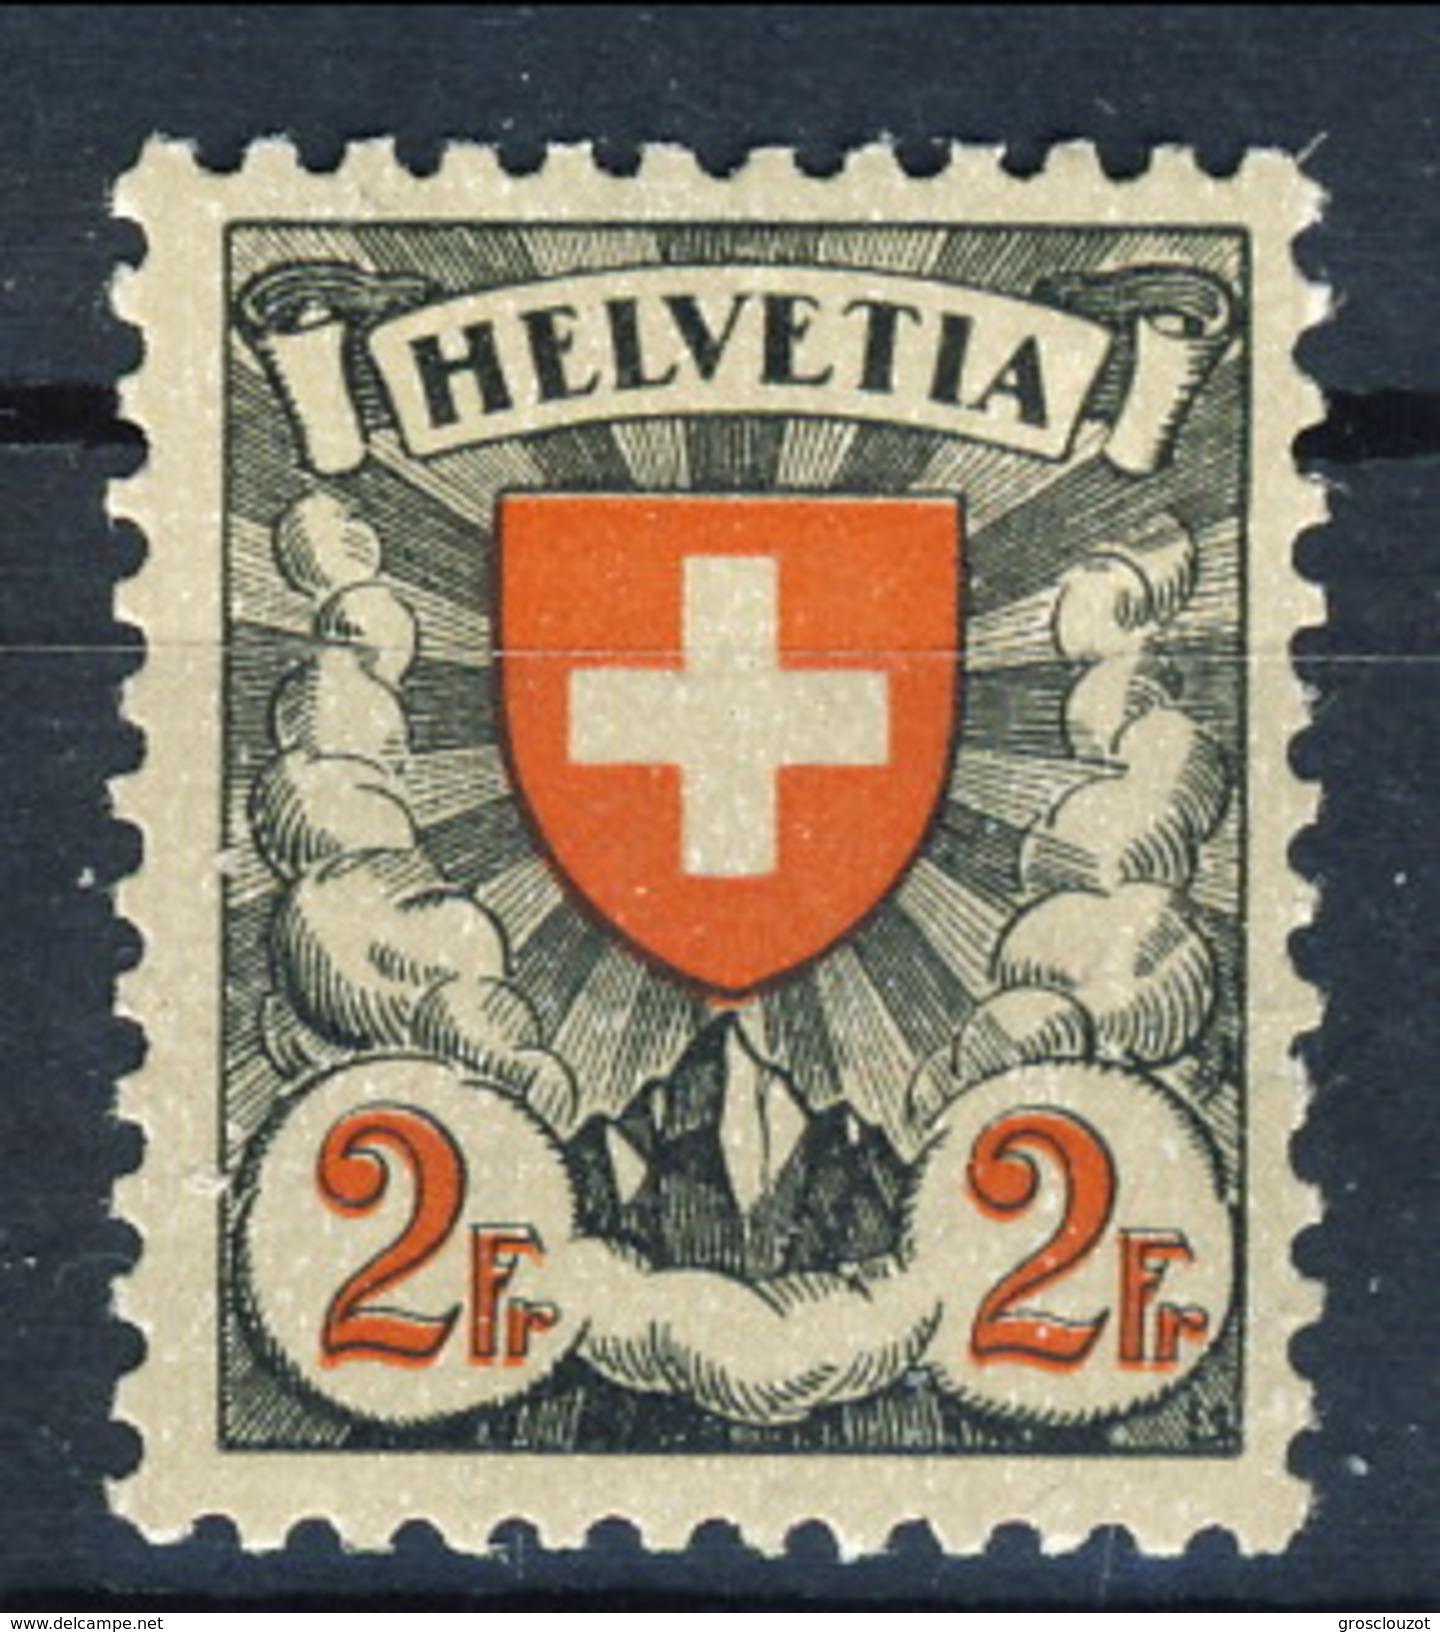 Svizzera 1924 N. 211A F. 2 Carta Patinata Goffrata MLH Cat. € 126 - Svizzera